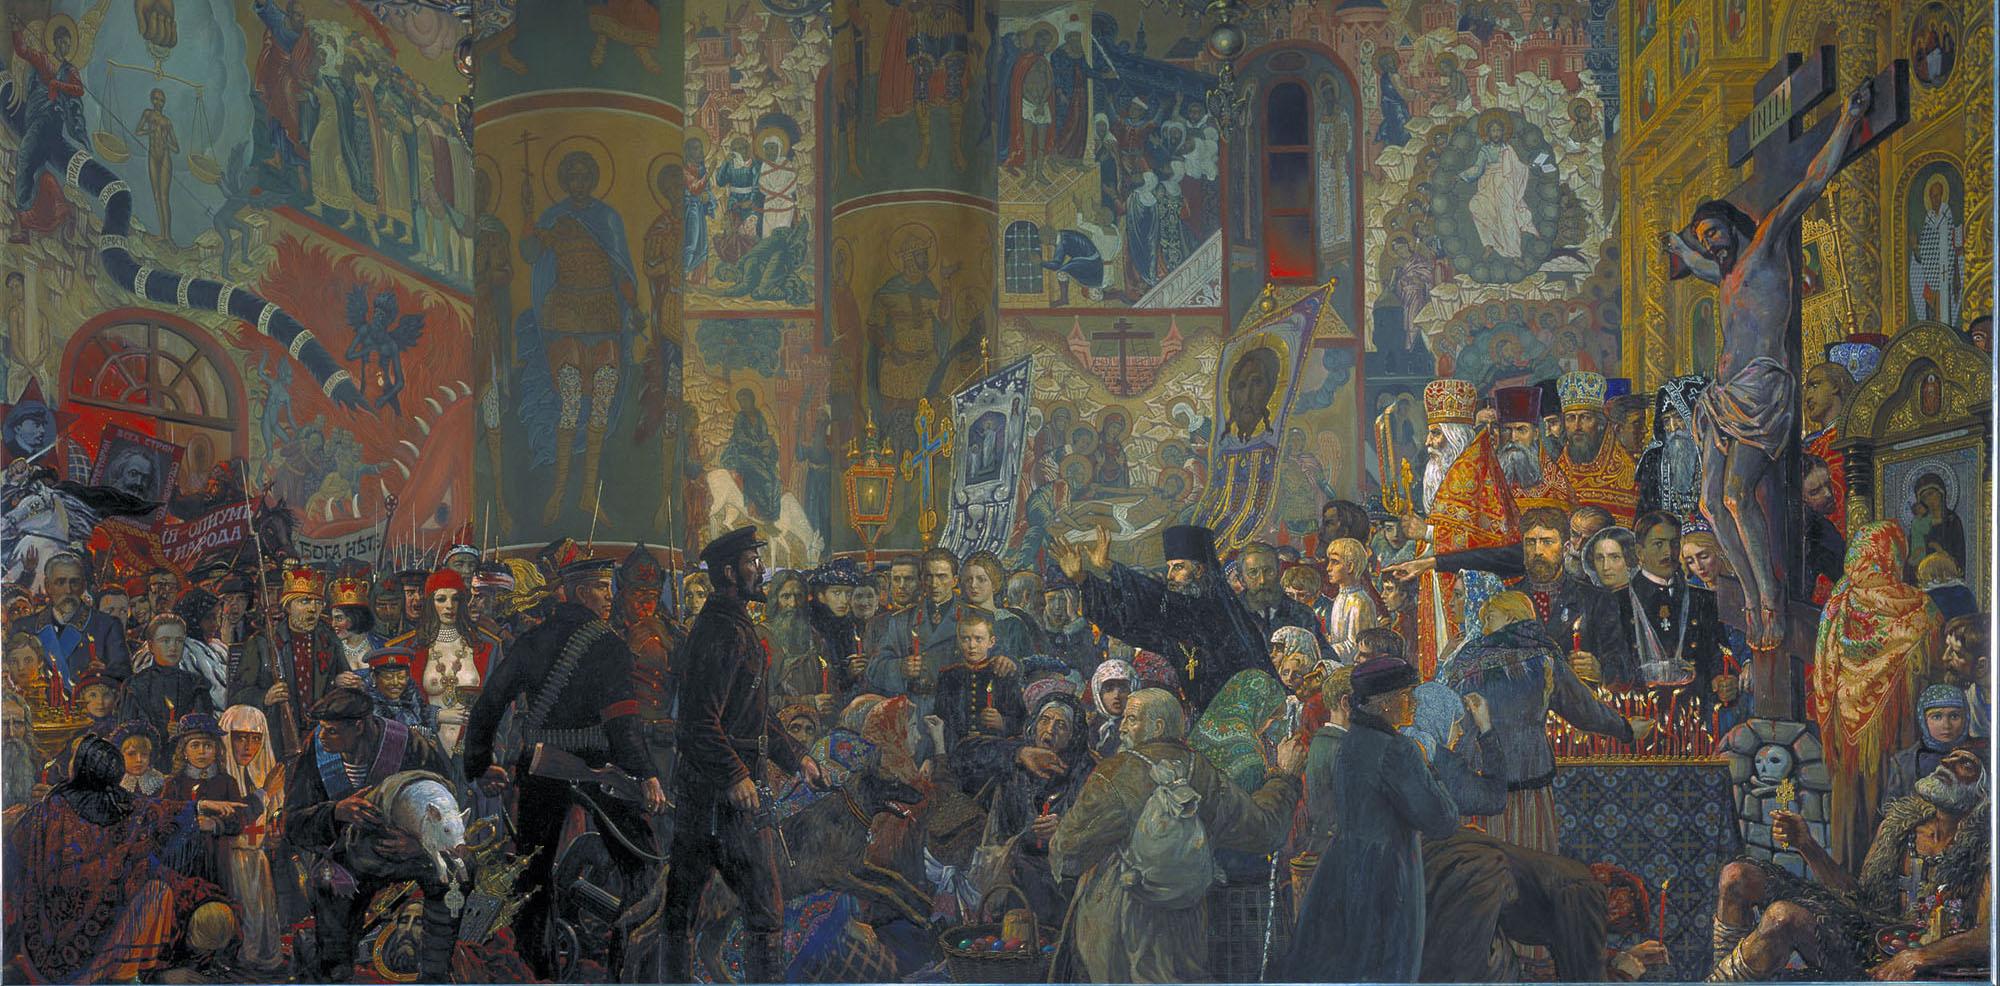 Разгром Храма в Пасхальную ночь